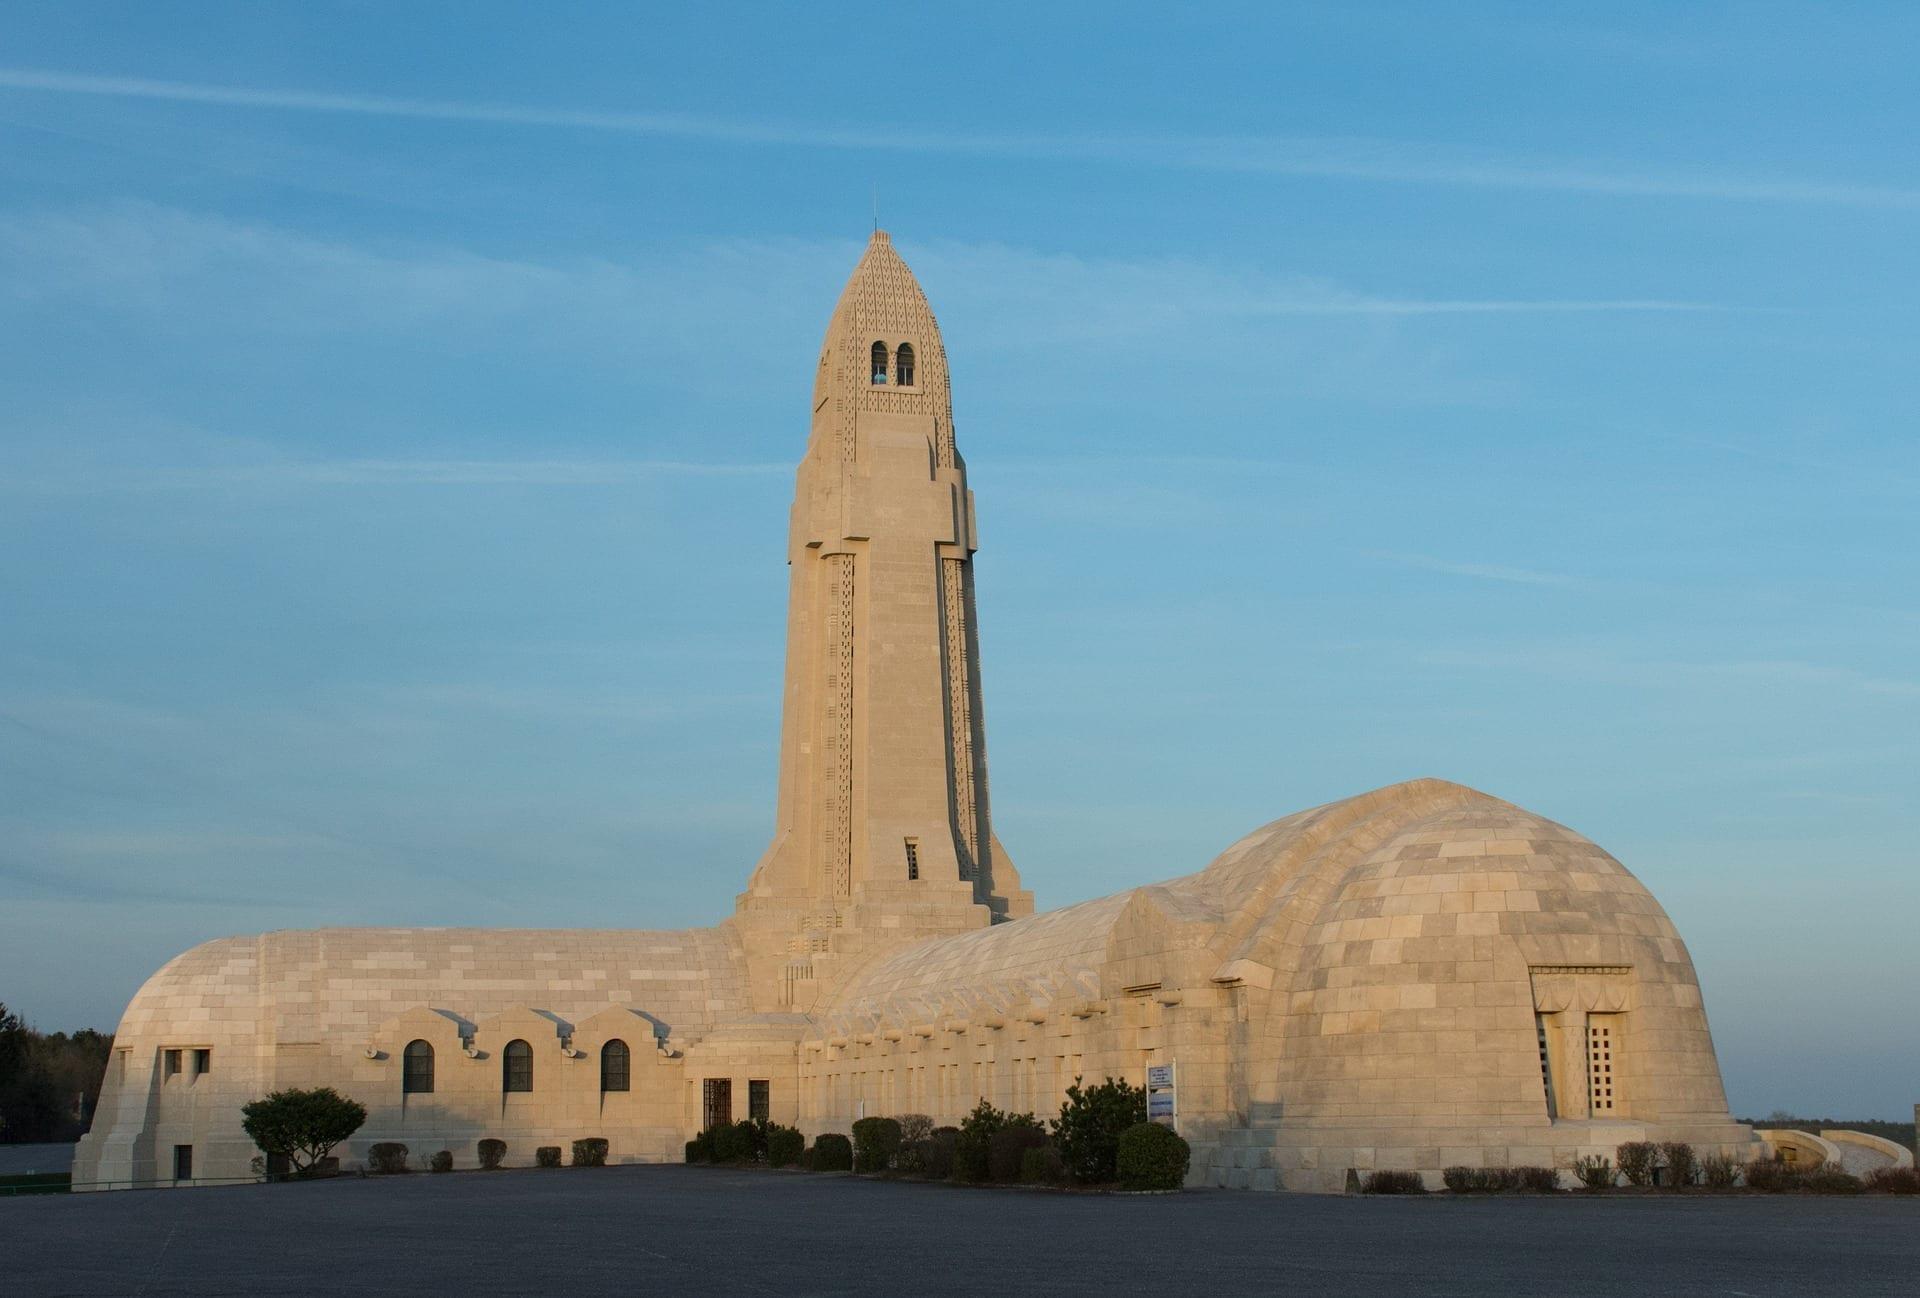 The battle of Verdun ww1